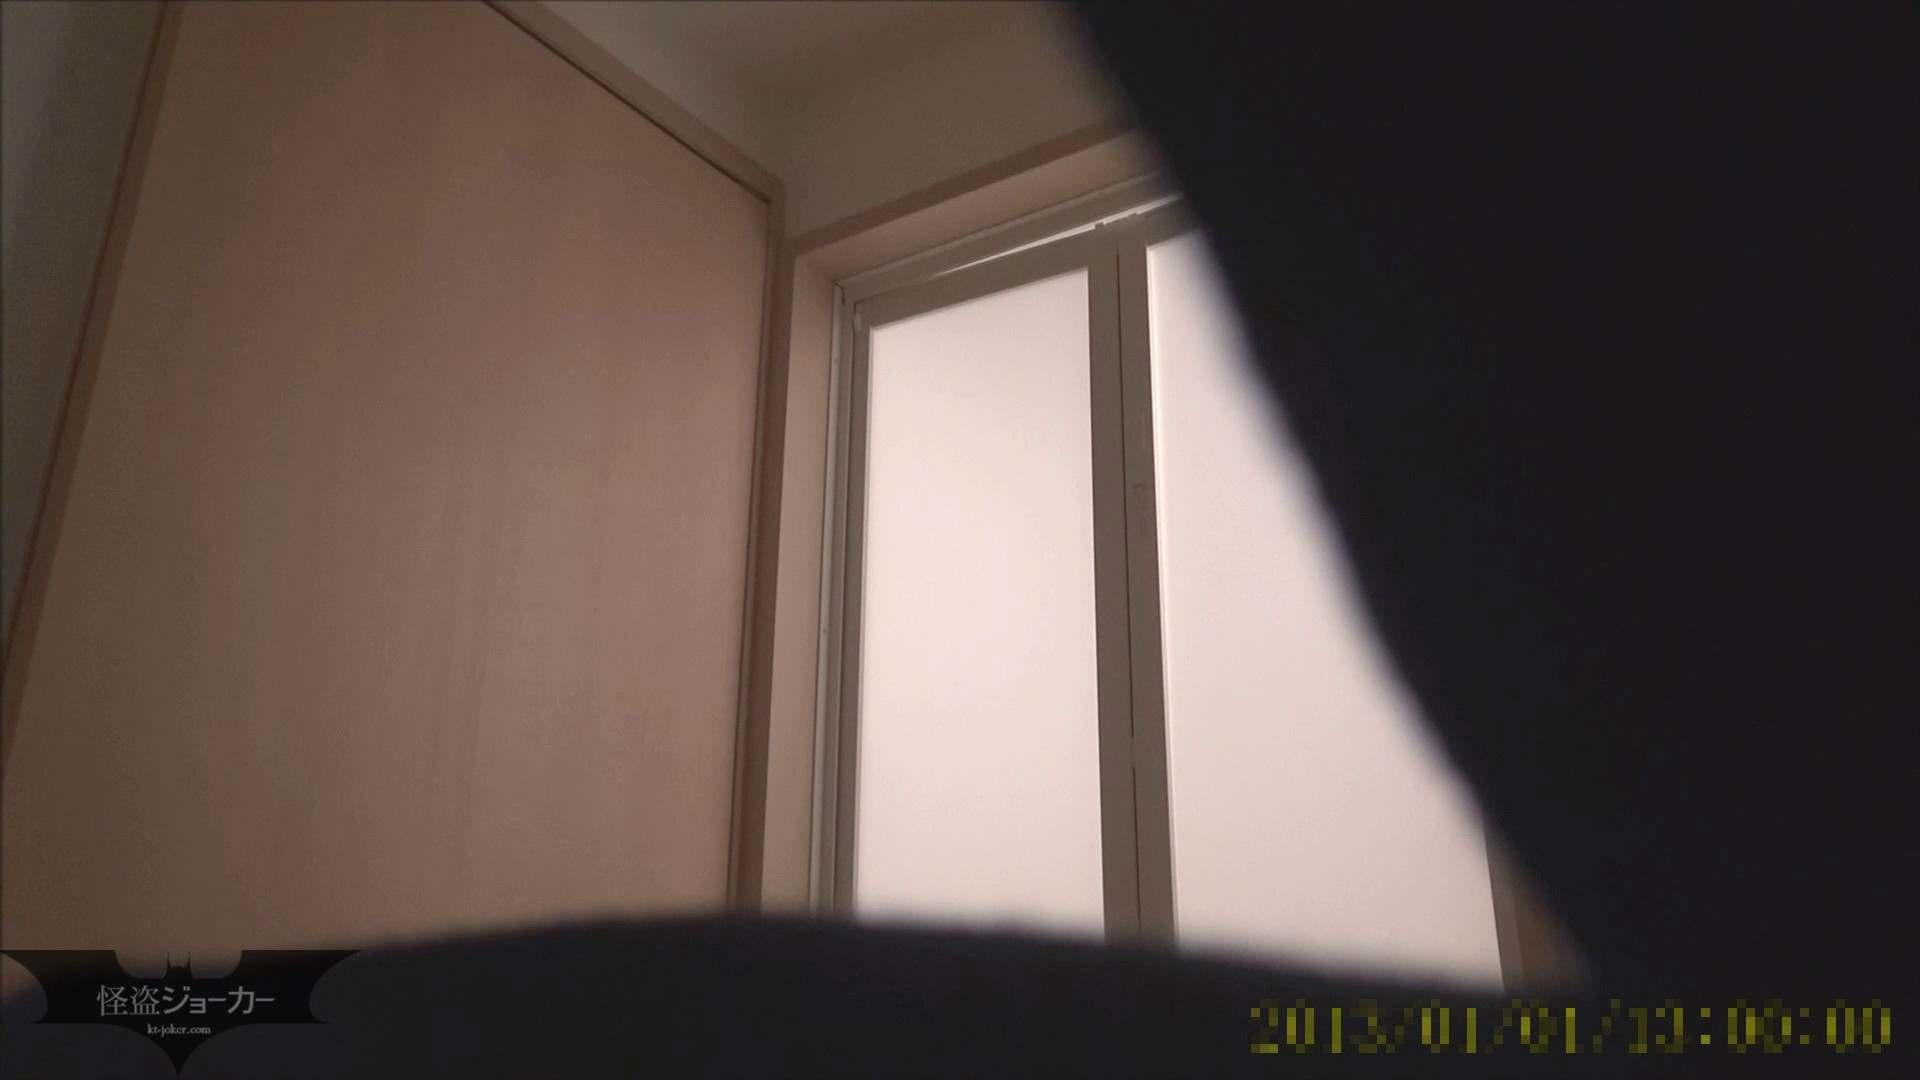 【未公開】vol.103  {黒髪→茶髪ボブに変身}美巨乳アミちゃん④【前編】 高画質 セックス画像 92画像 65